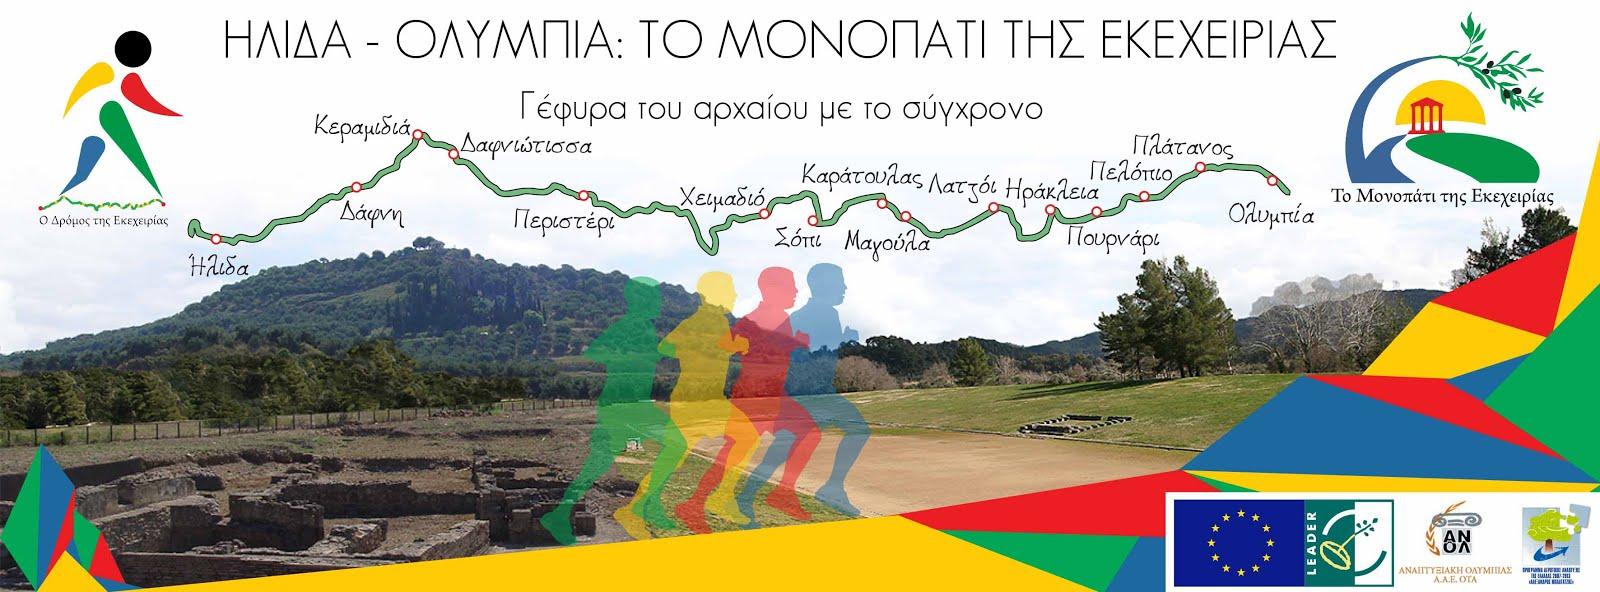 Ήλιδα - Ολυμπία: Το Μονοπάτι της Εκεχειρίας